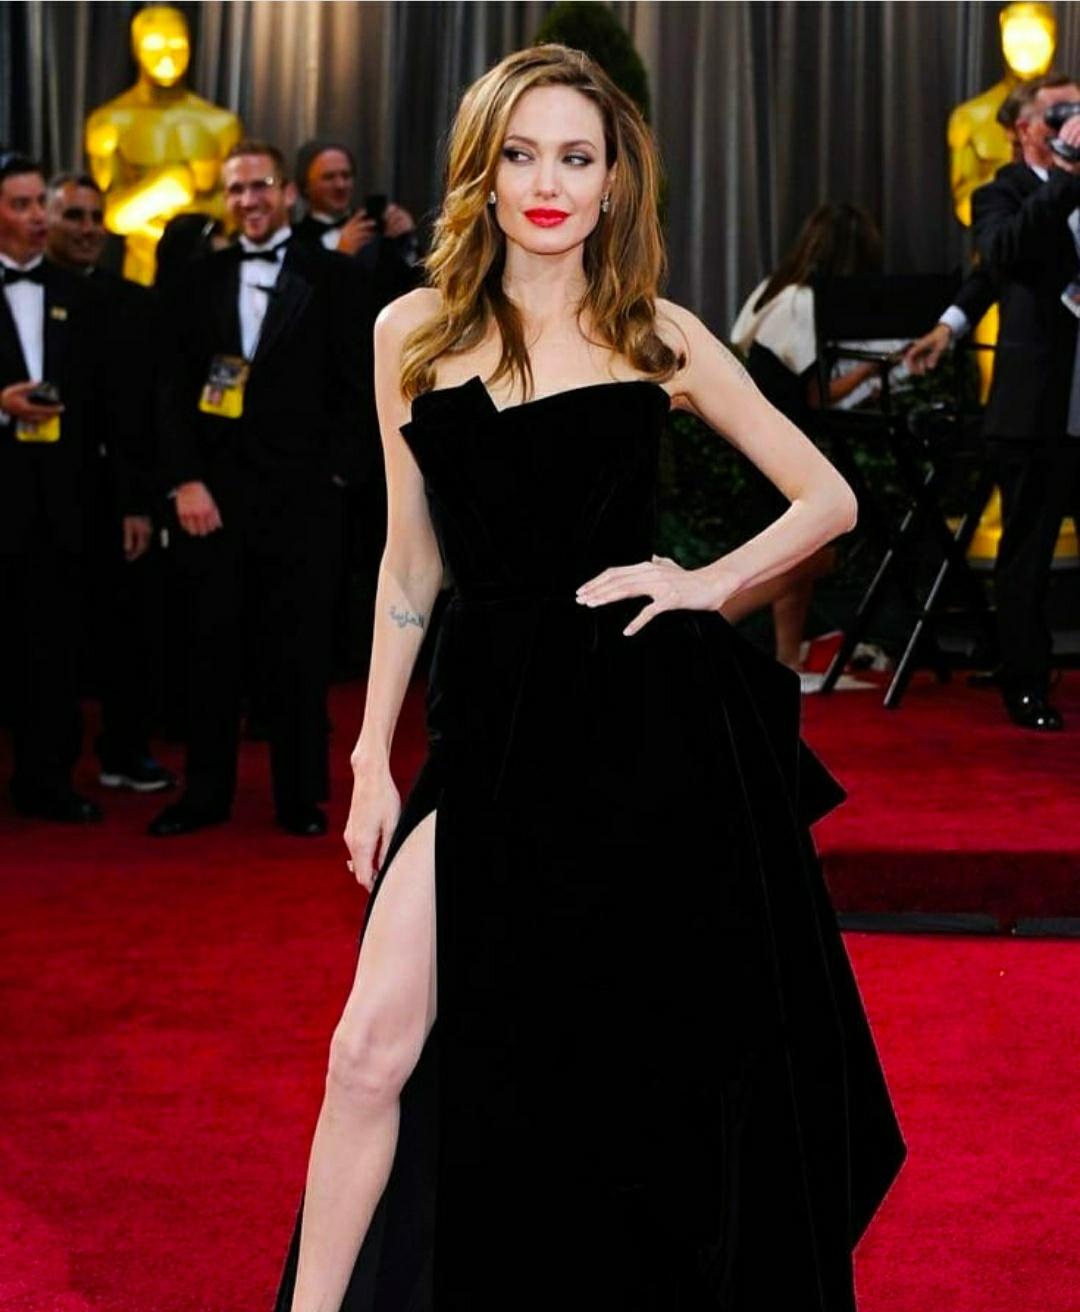 Анджелина Джоли подала в суд через общую винодельню с Питтом